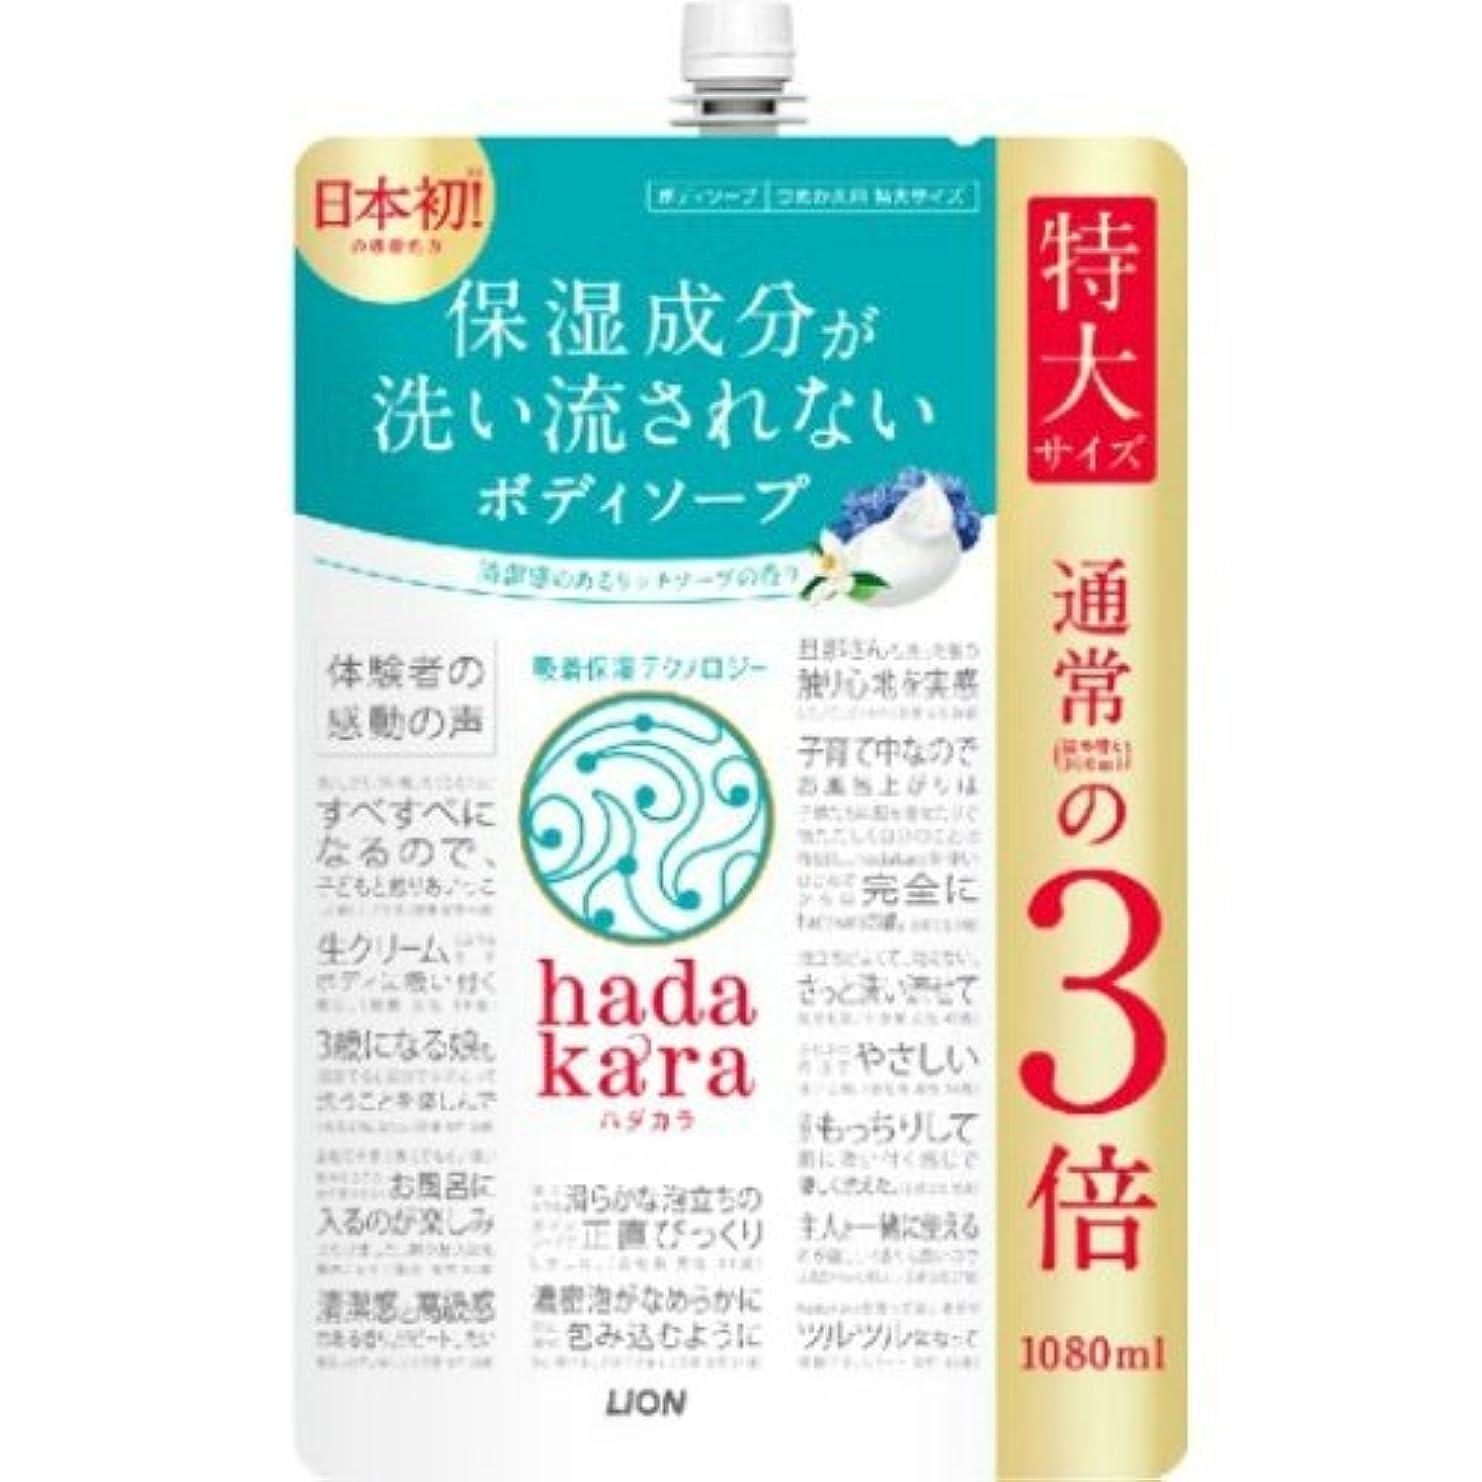 リビングルーム泥だらけアジアLION ライオン hadakara ハダカラ ボディソープ リッチソープの香り つめかえ用 特大サイズ 1080ml ×006点セット(4903301260882)